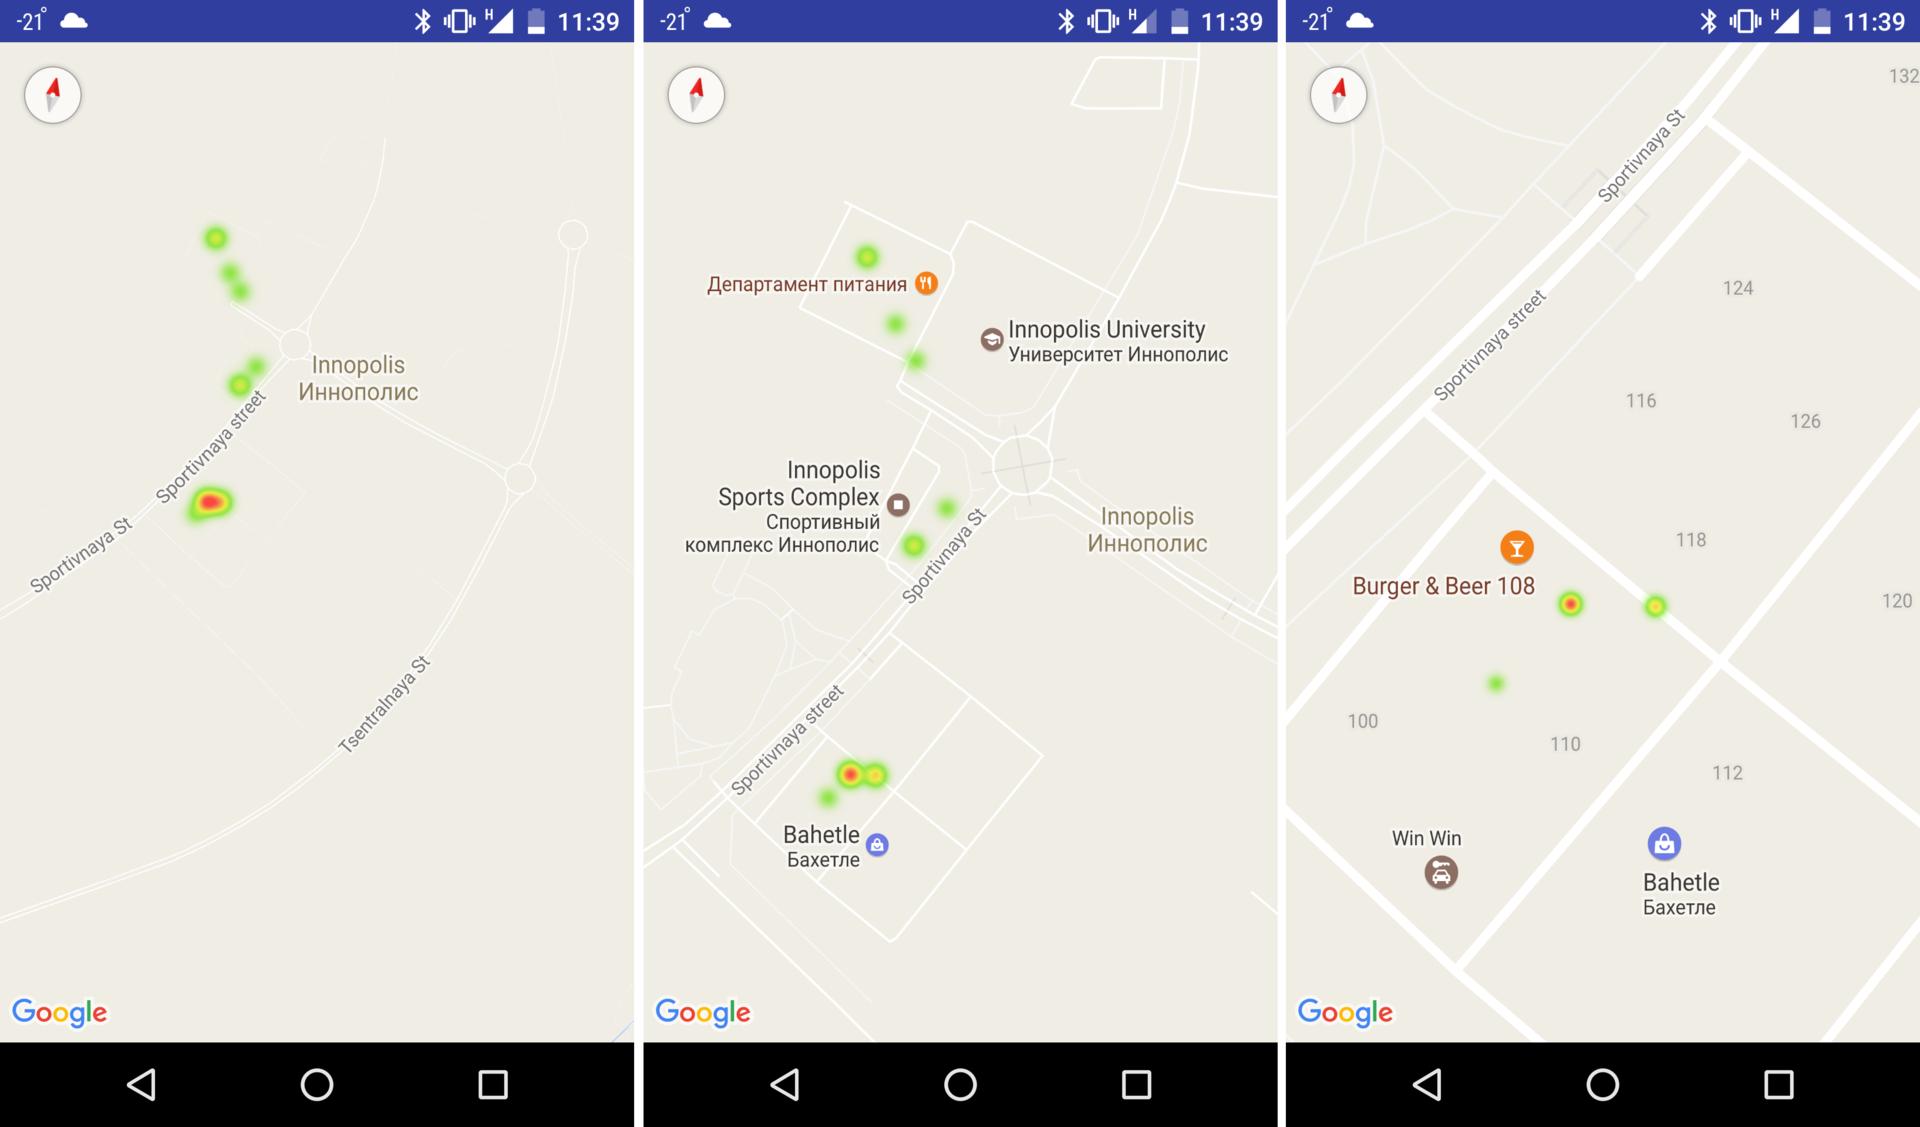 Скриншоты приложения с реальными падениями